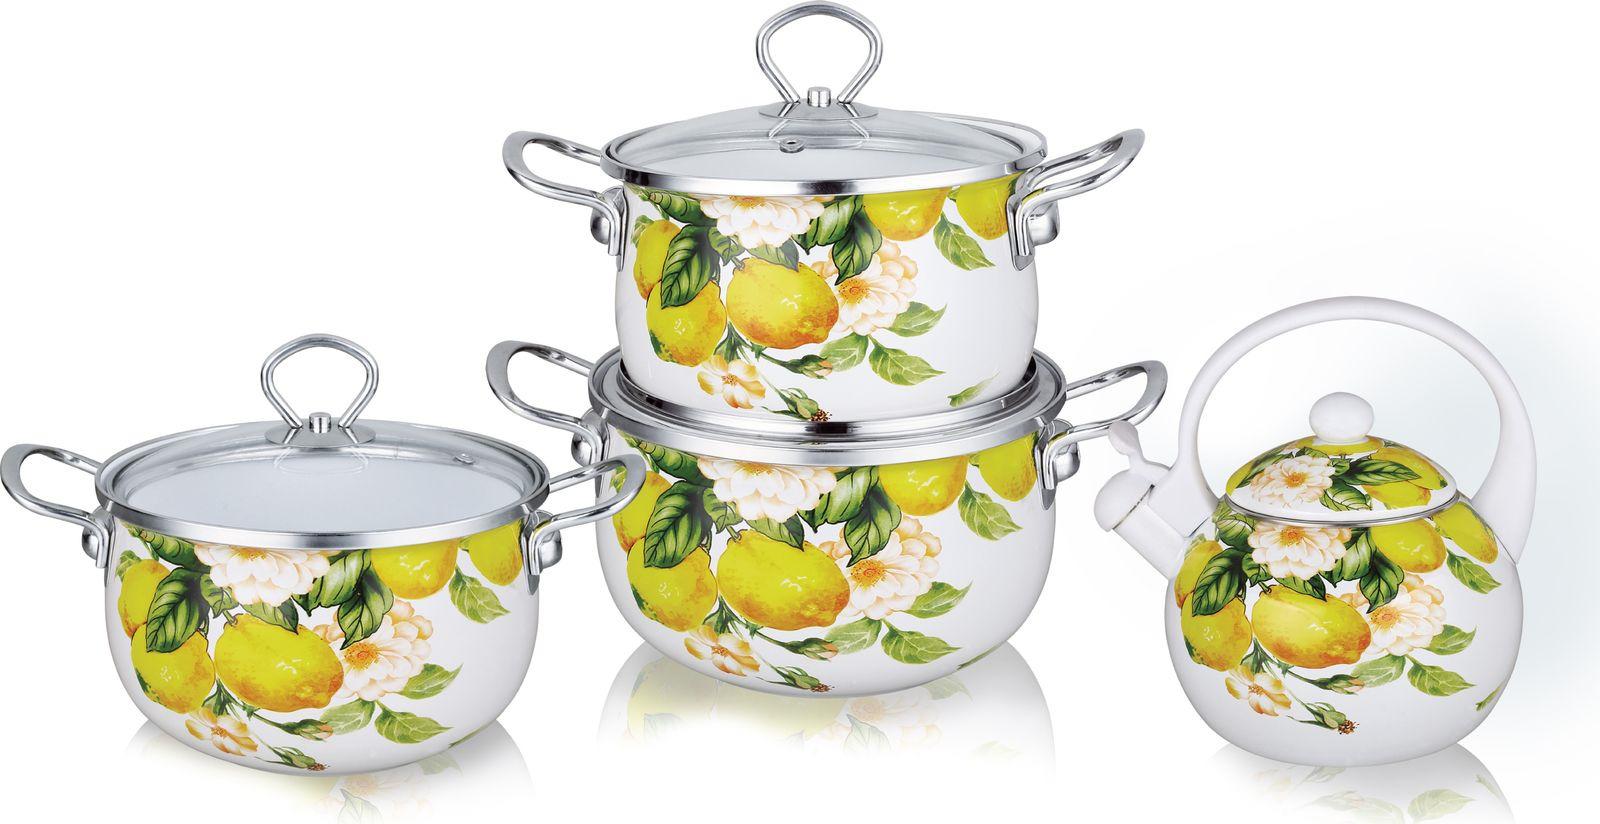 Набор посуды для приготовления Kelli KL-4446, с крышками, 7 предметов все цены